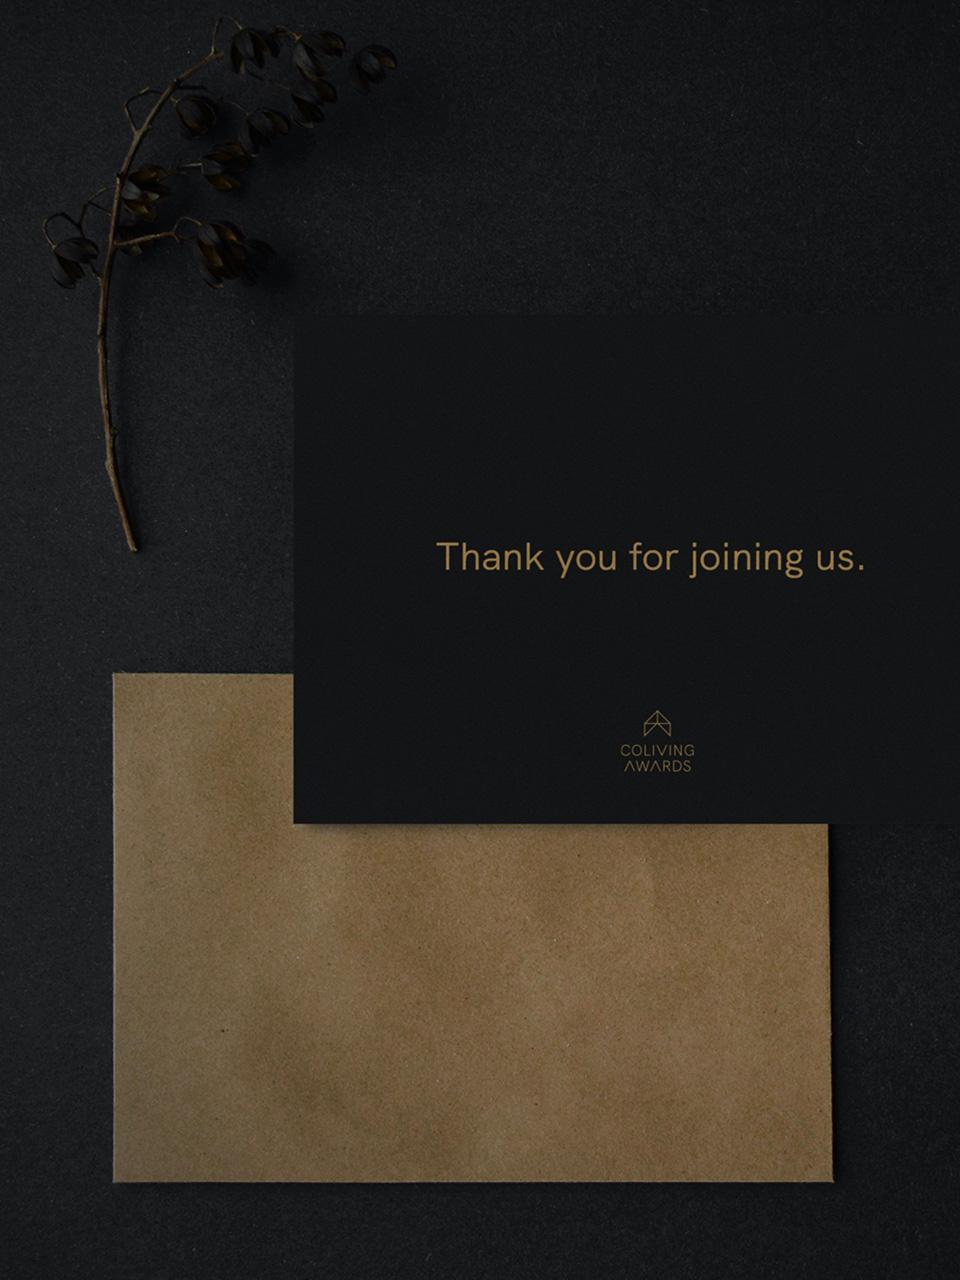 """Coliving Awards """"thank you letter"""" stationery mockup design"""